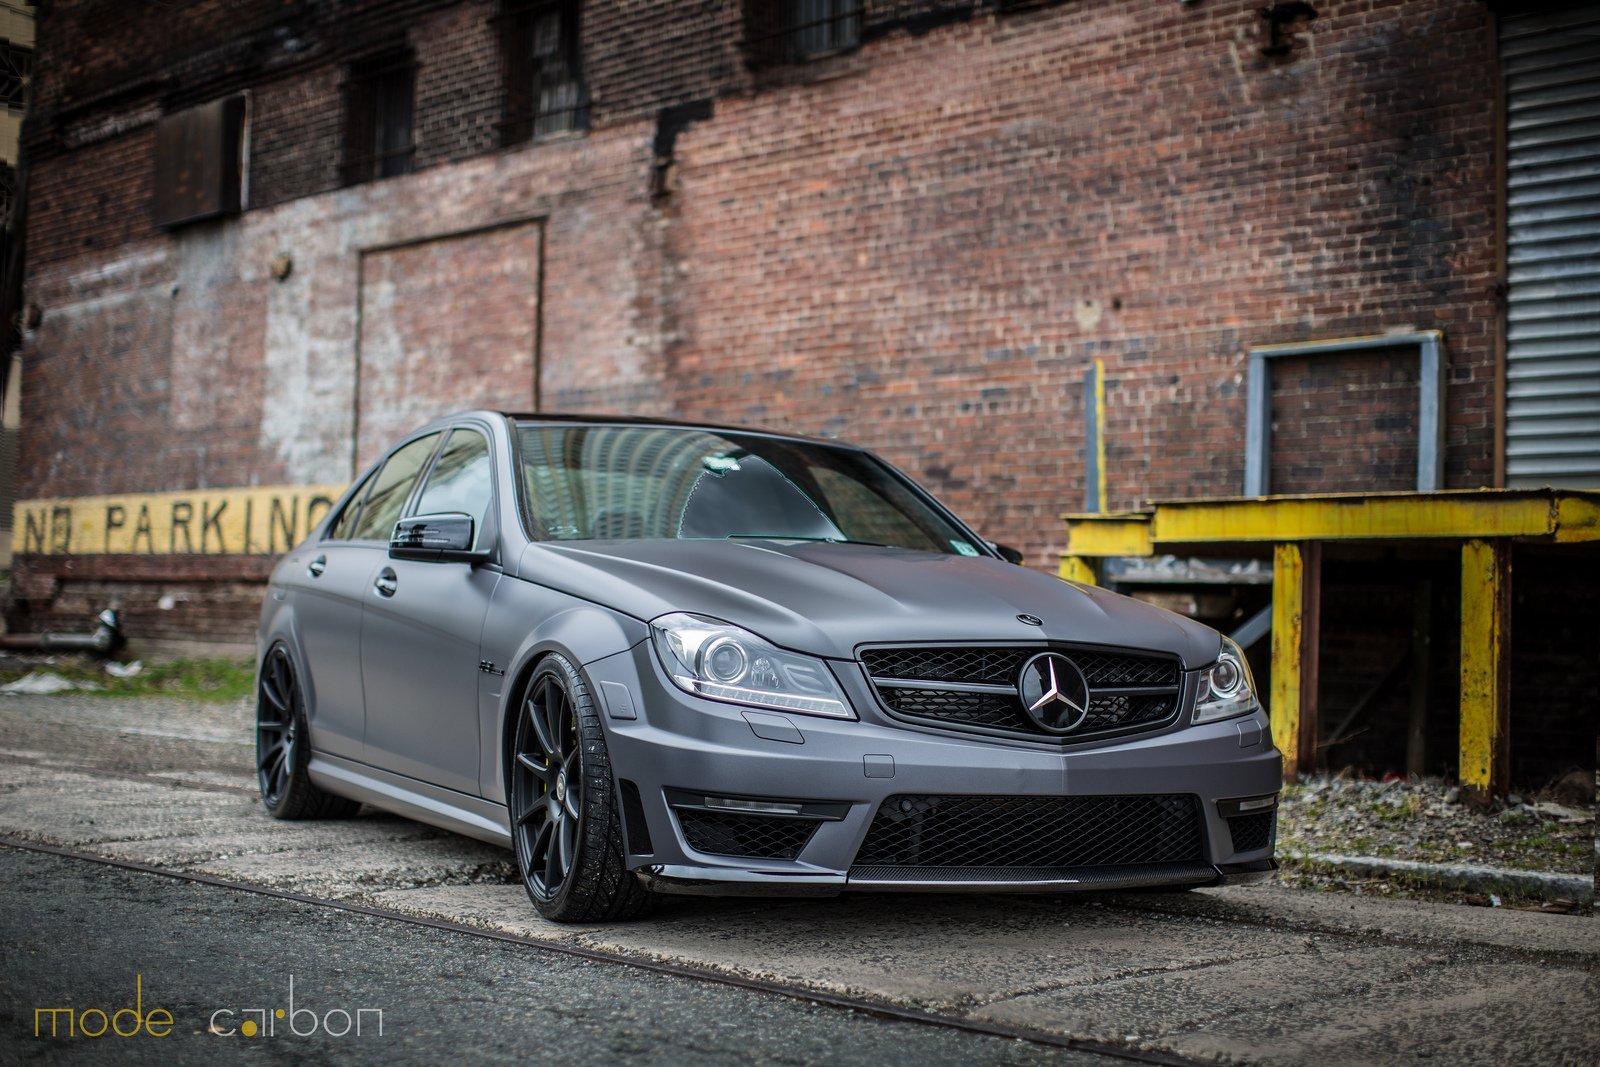 C63 Amg Grey Amg Grey C63 Mercedes Sedan